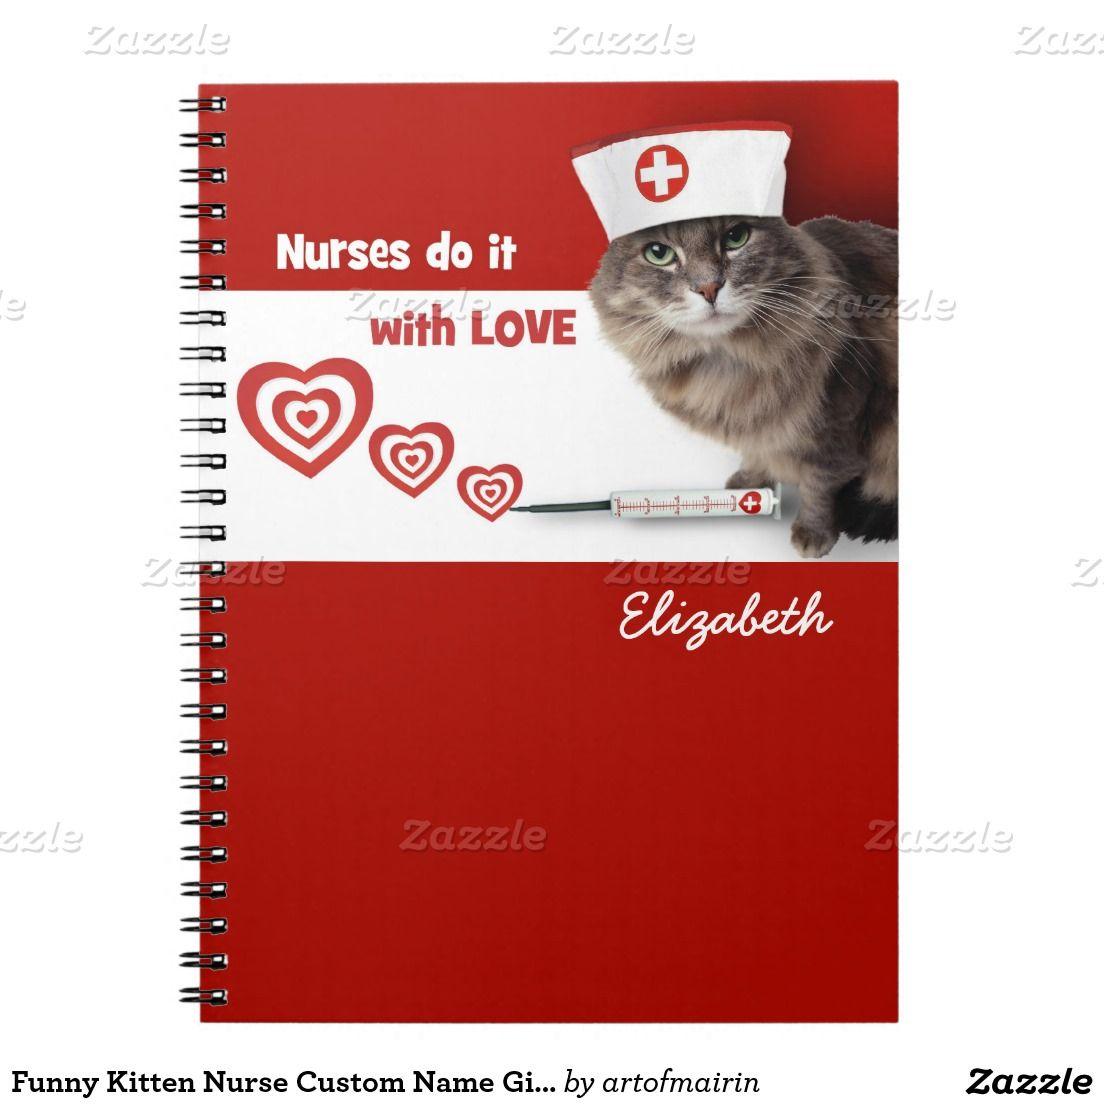 Funny Kitten Nurse Custom Name Gift Notebooks